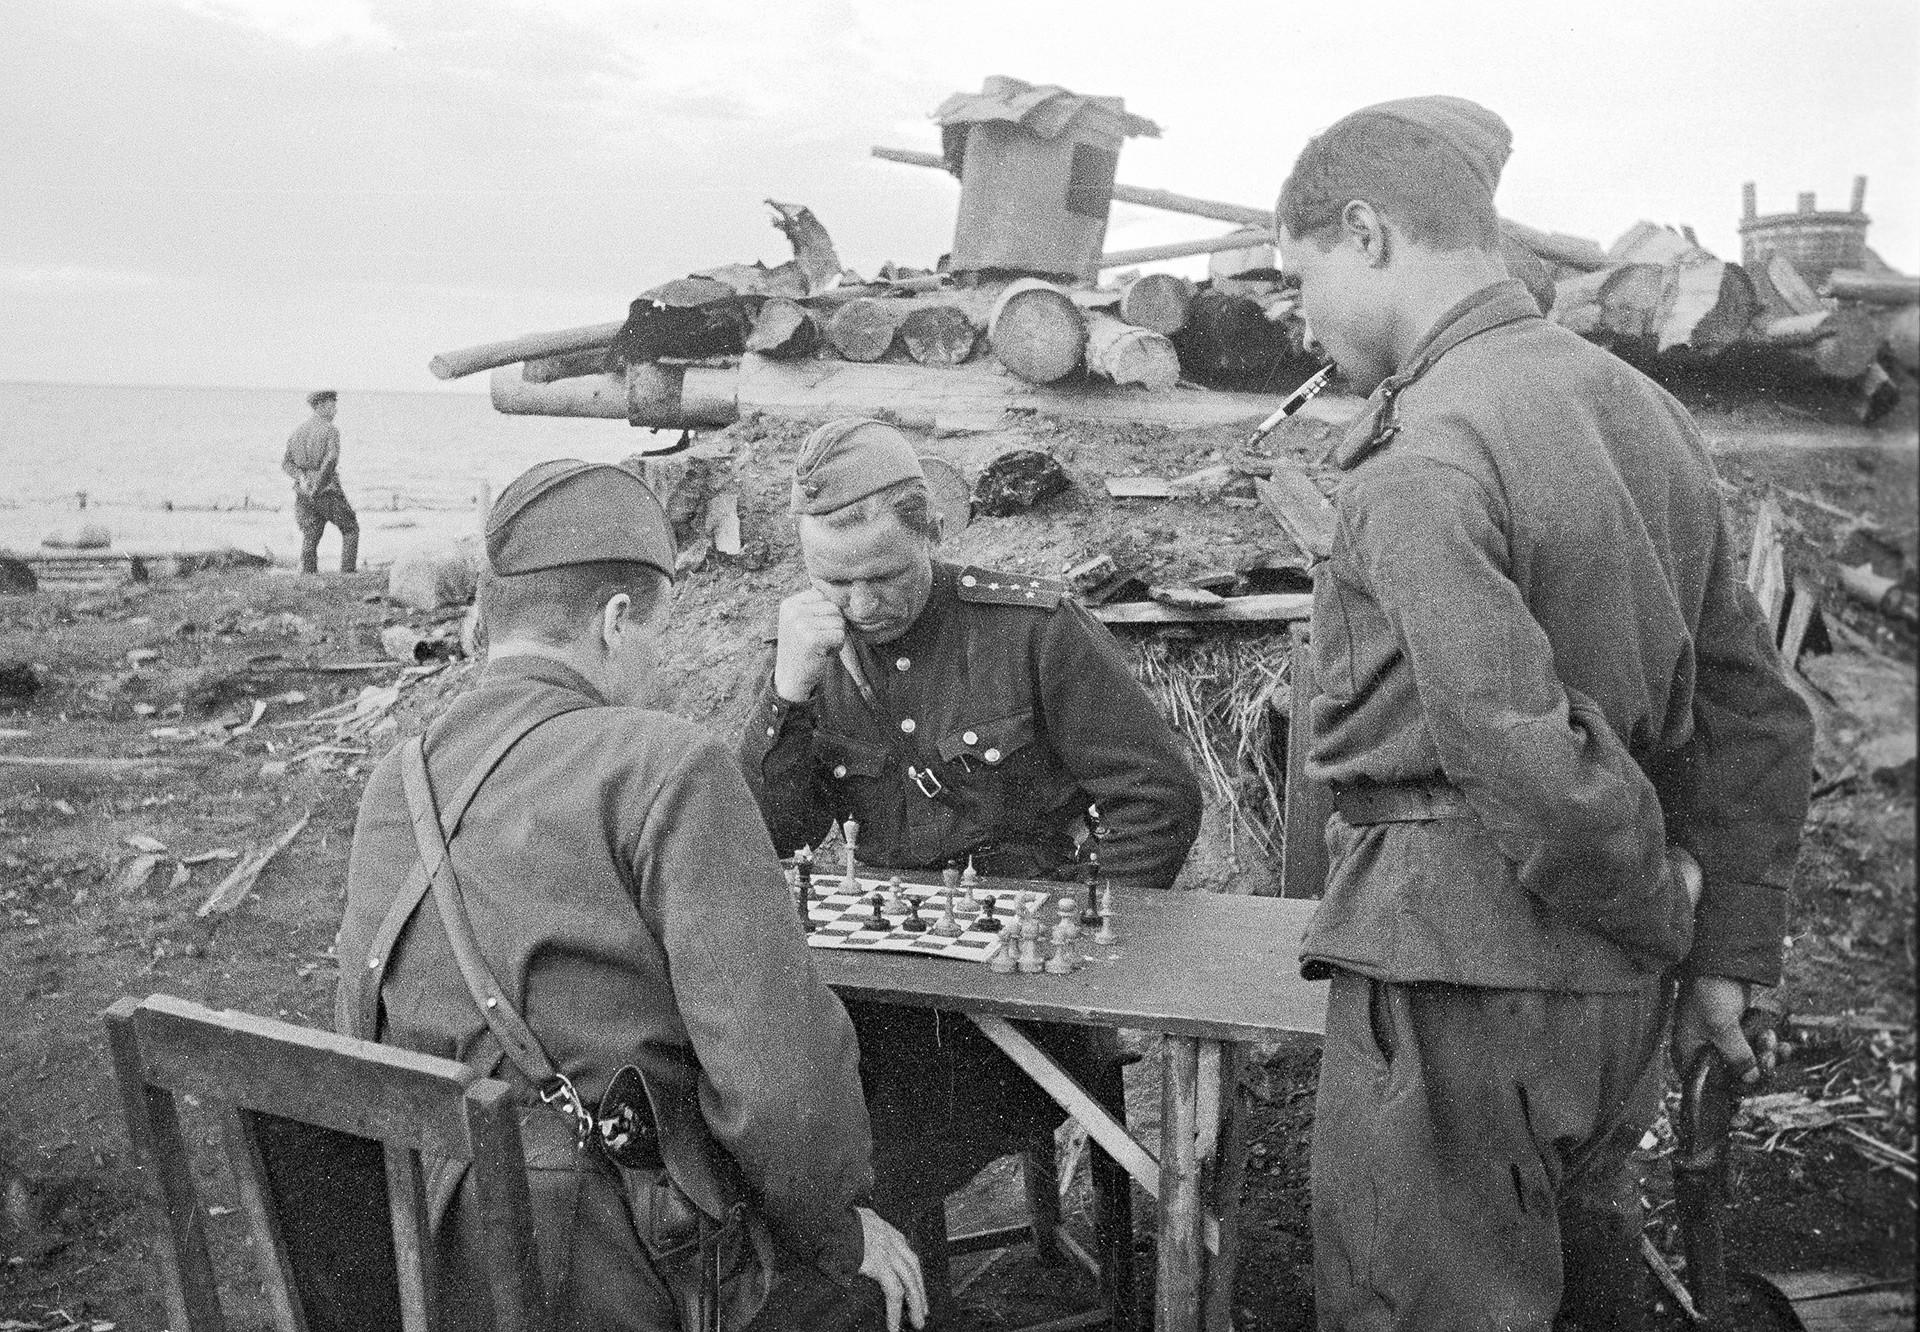 Sowjetische Offiziere spielen Schach am Ilmensee, 1943